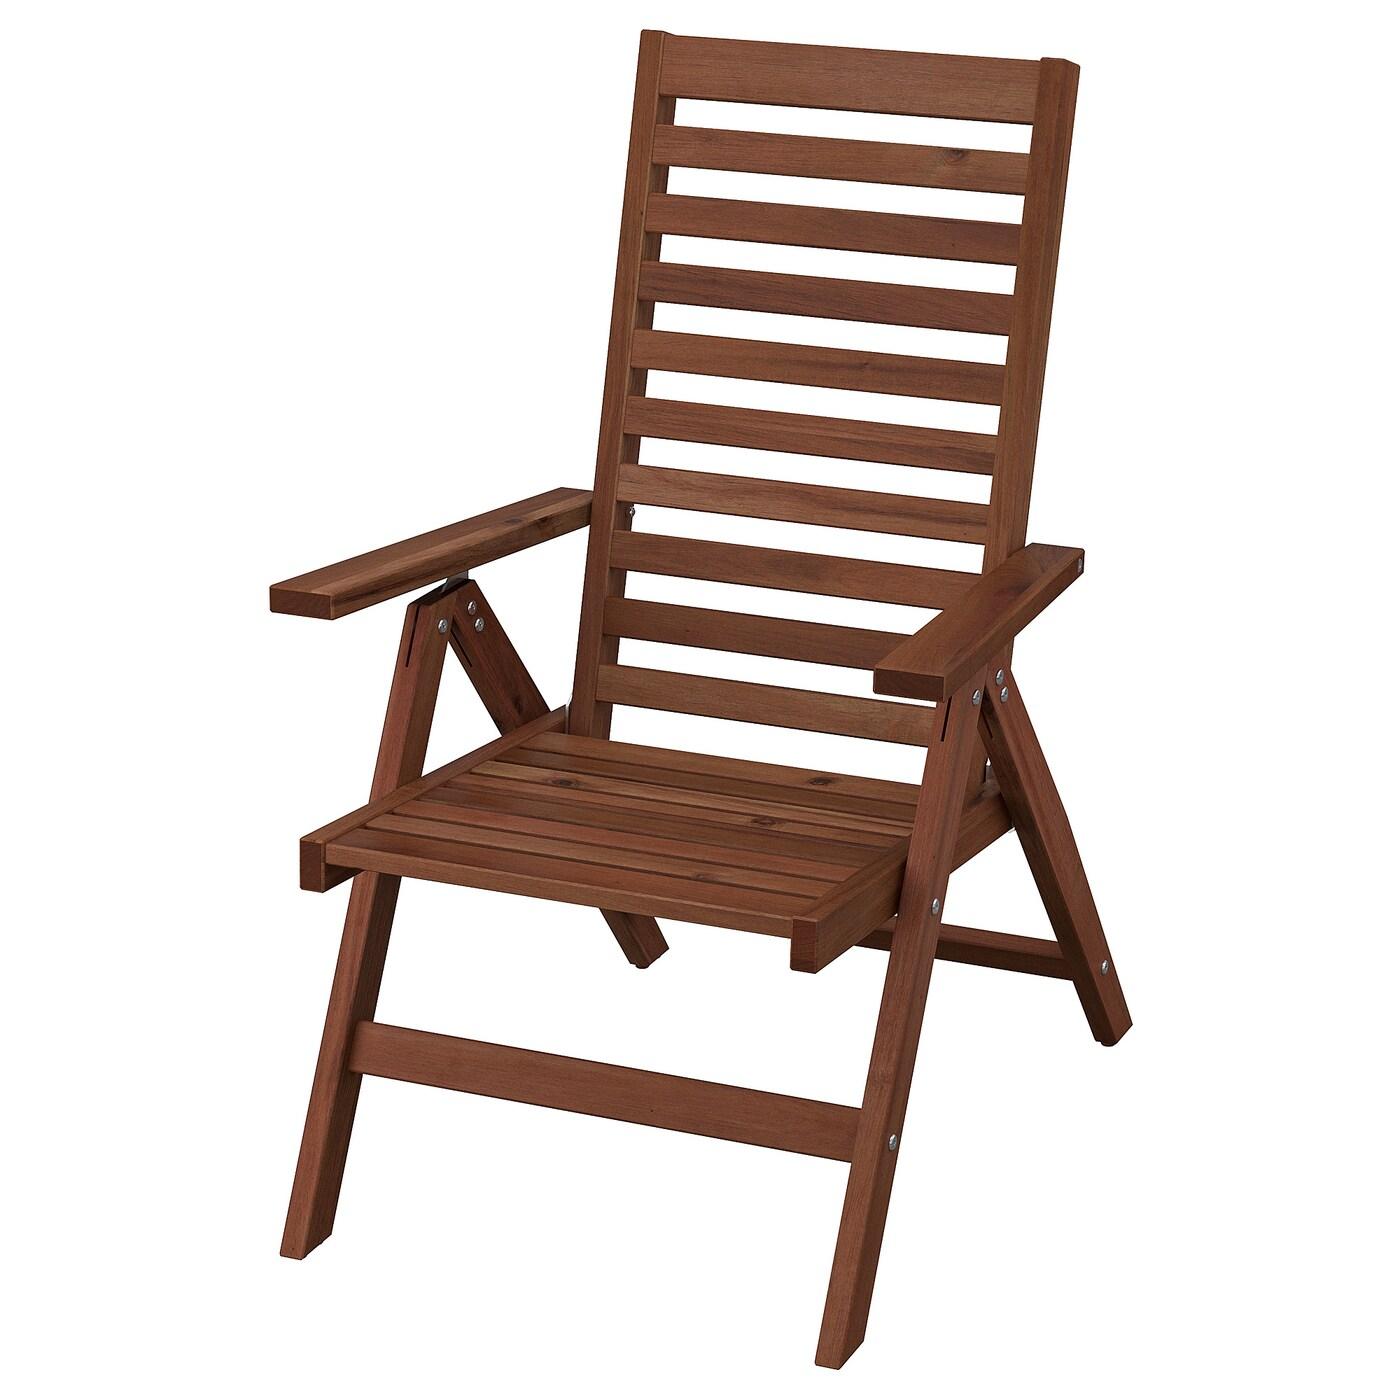 Sdraio In Legno Ikea.Applaro Sedia Relax Da Giardino Pieghevole Mordente Marrone Ikea Svizzera